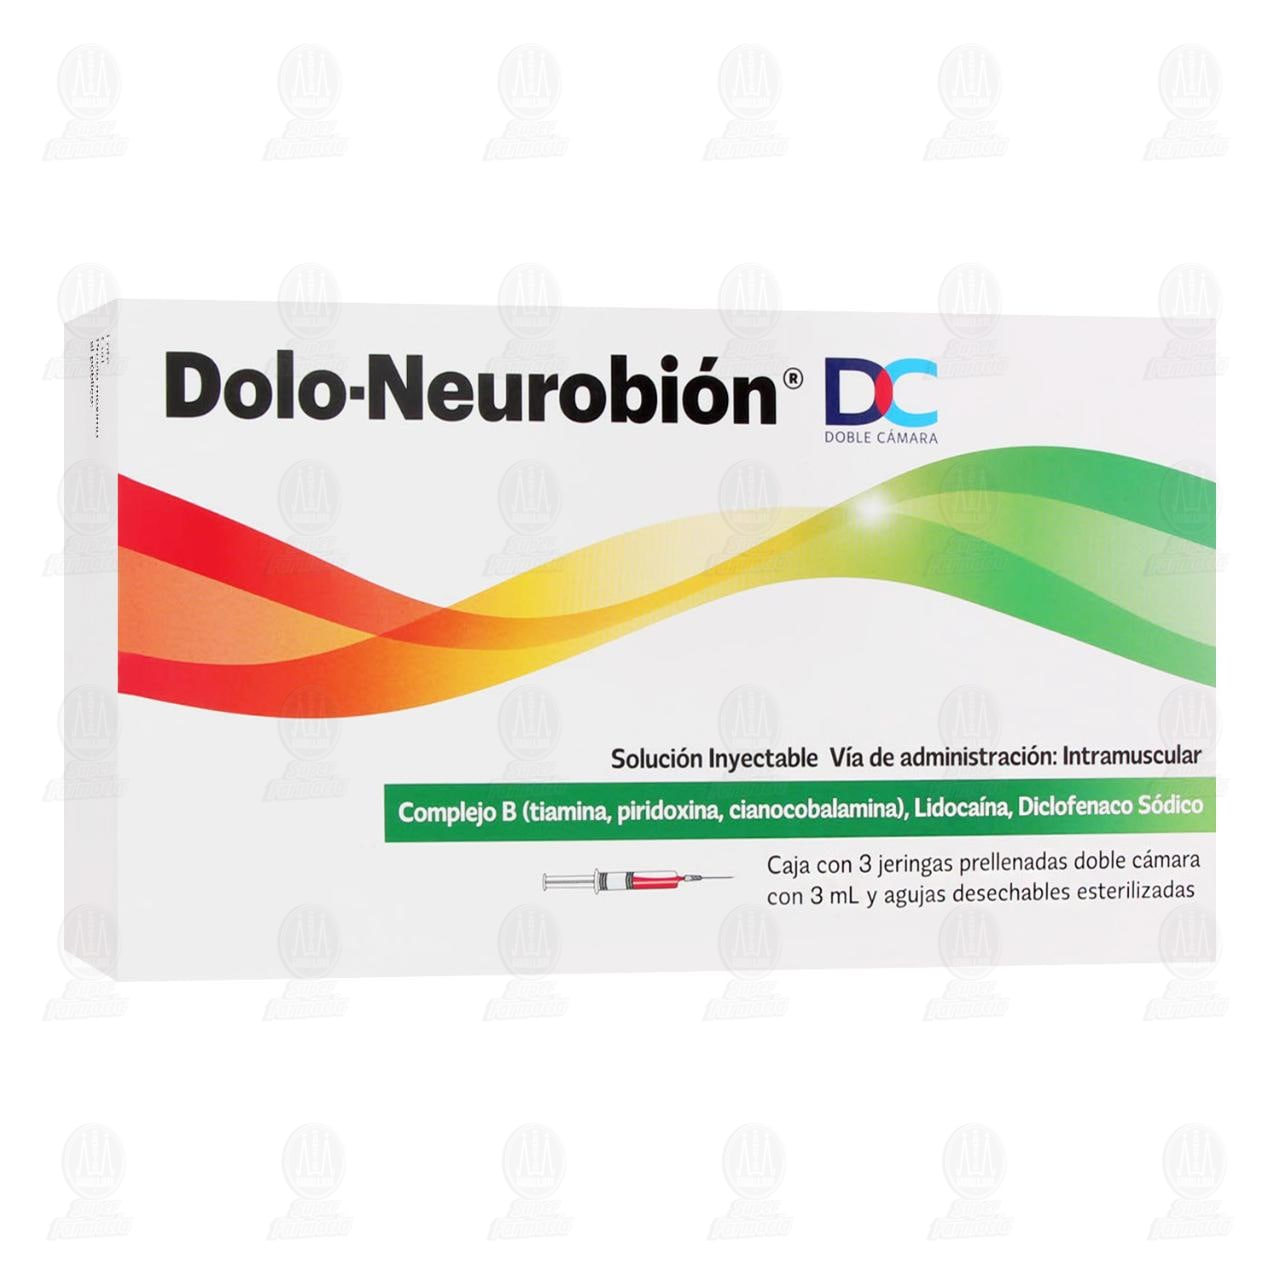 Dolo-Neurobión 3ml con 3 Jeringas Doble Cámara